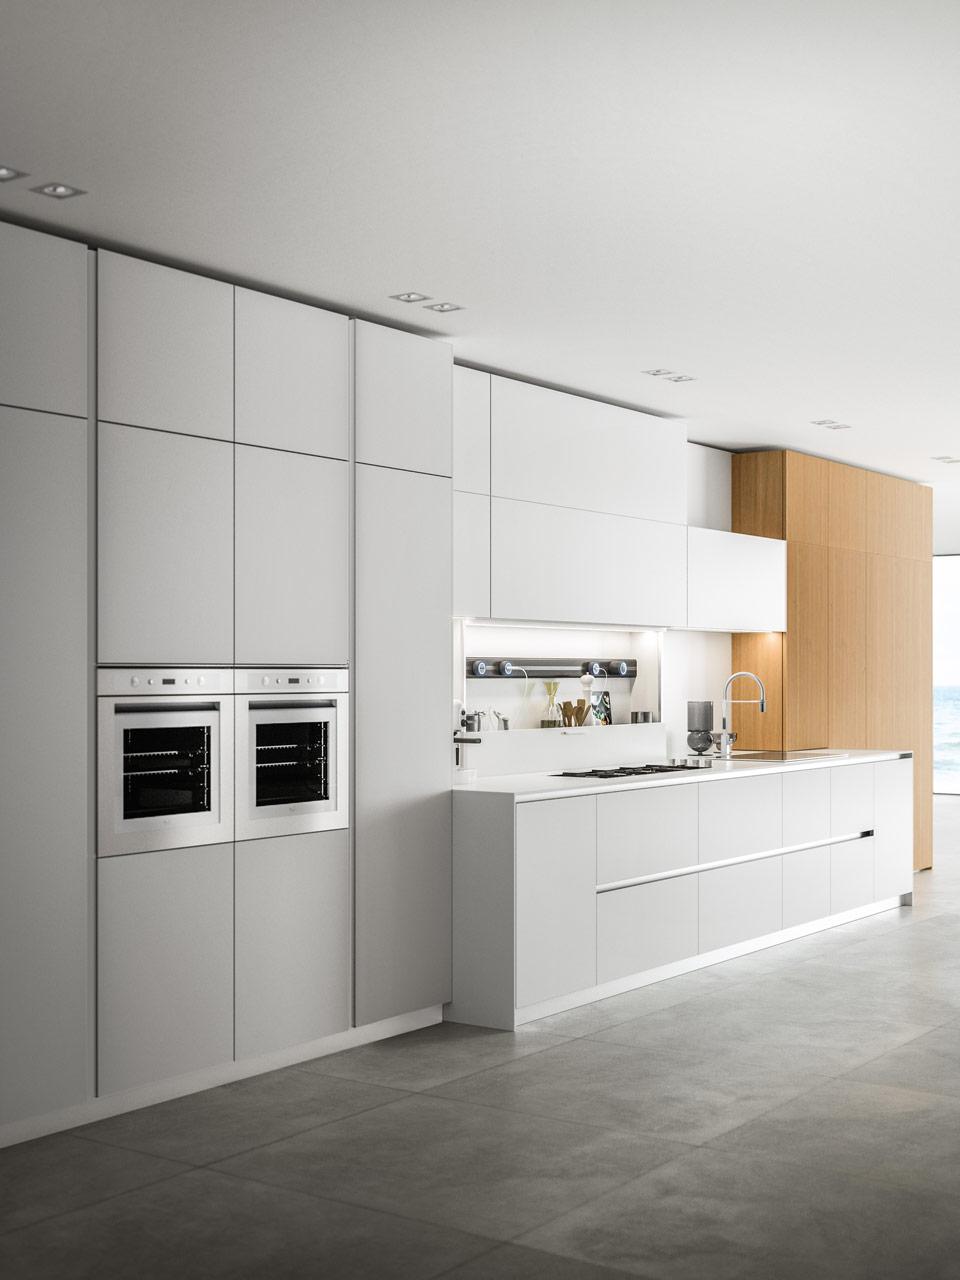 Actualité - aménagements cuisine design & fonctionnels - Comprex Armony Cuisine